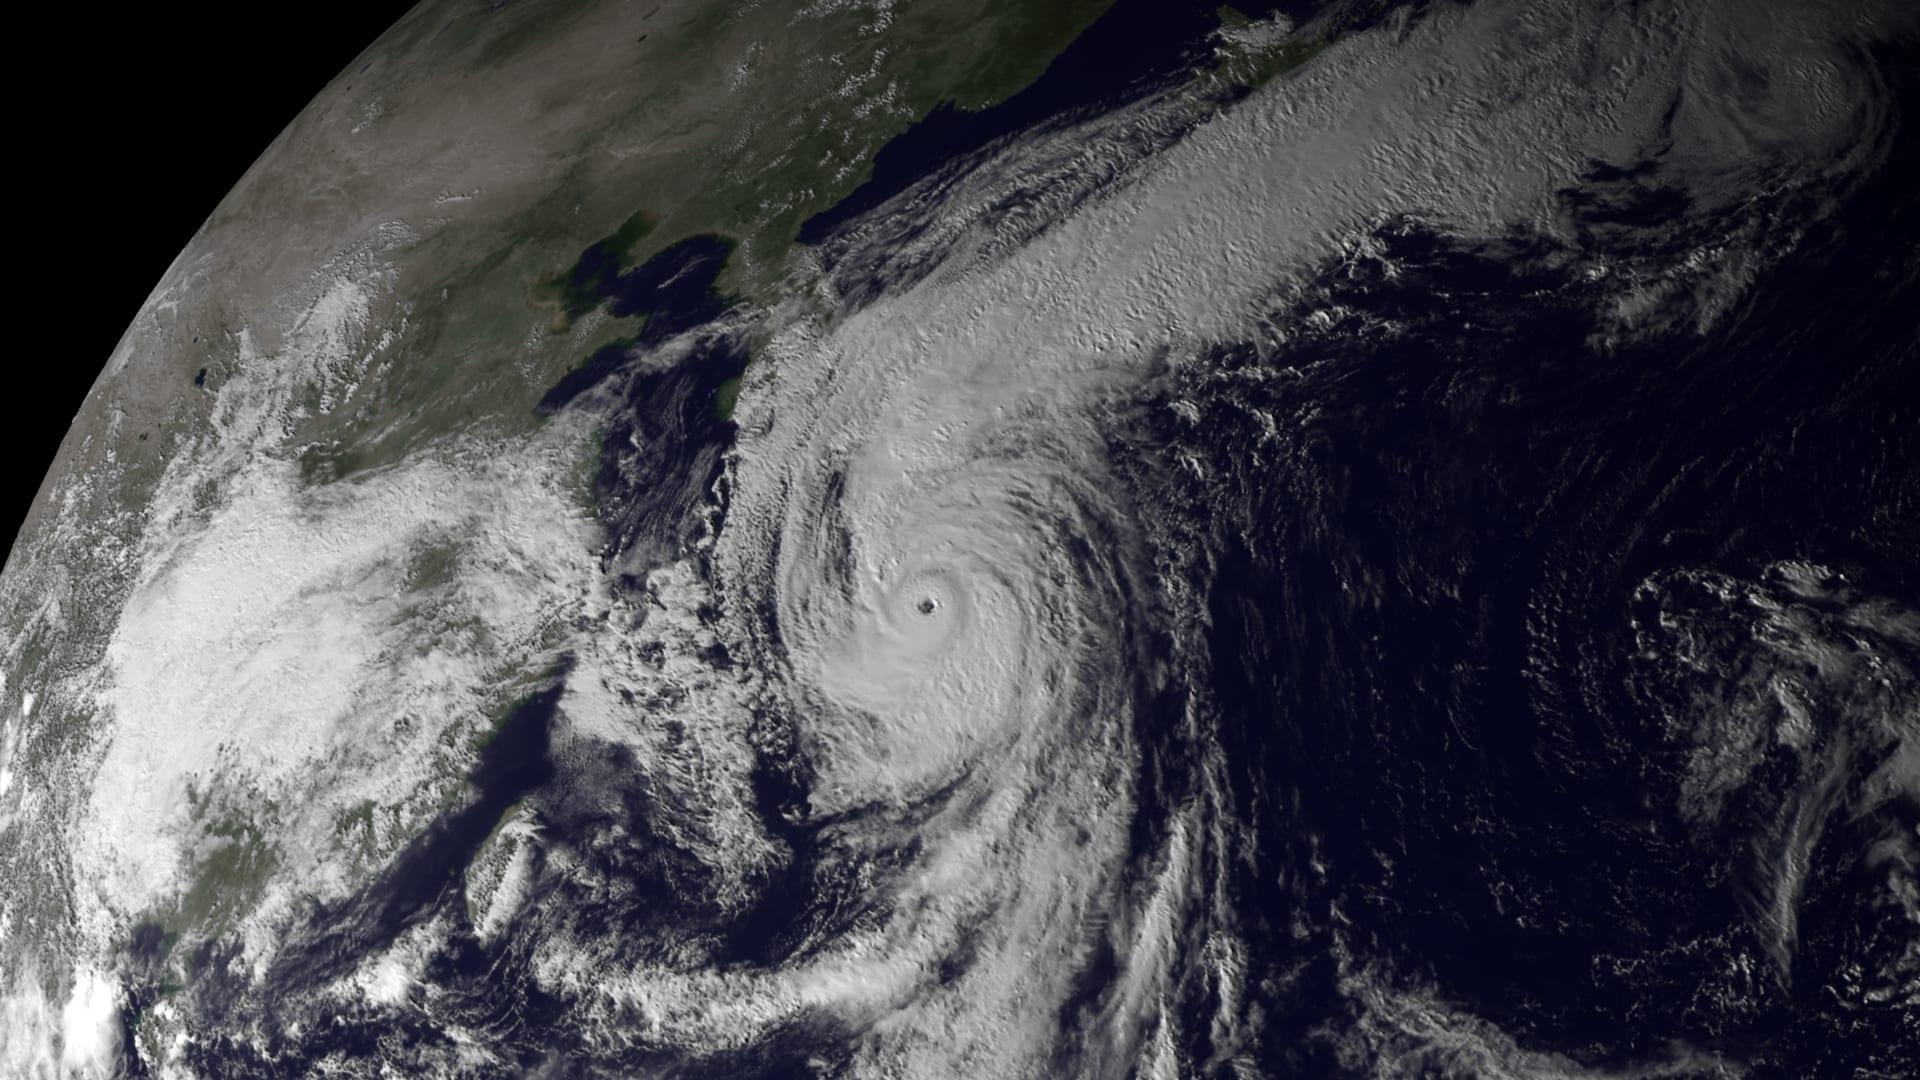 imágenes del satélite japonés